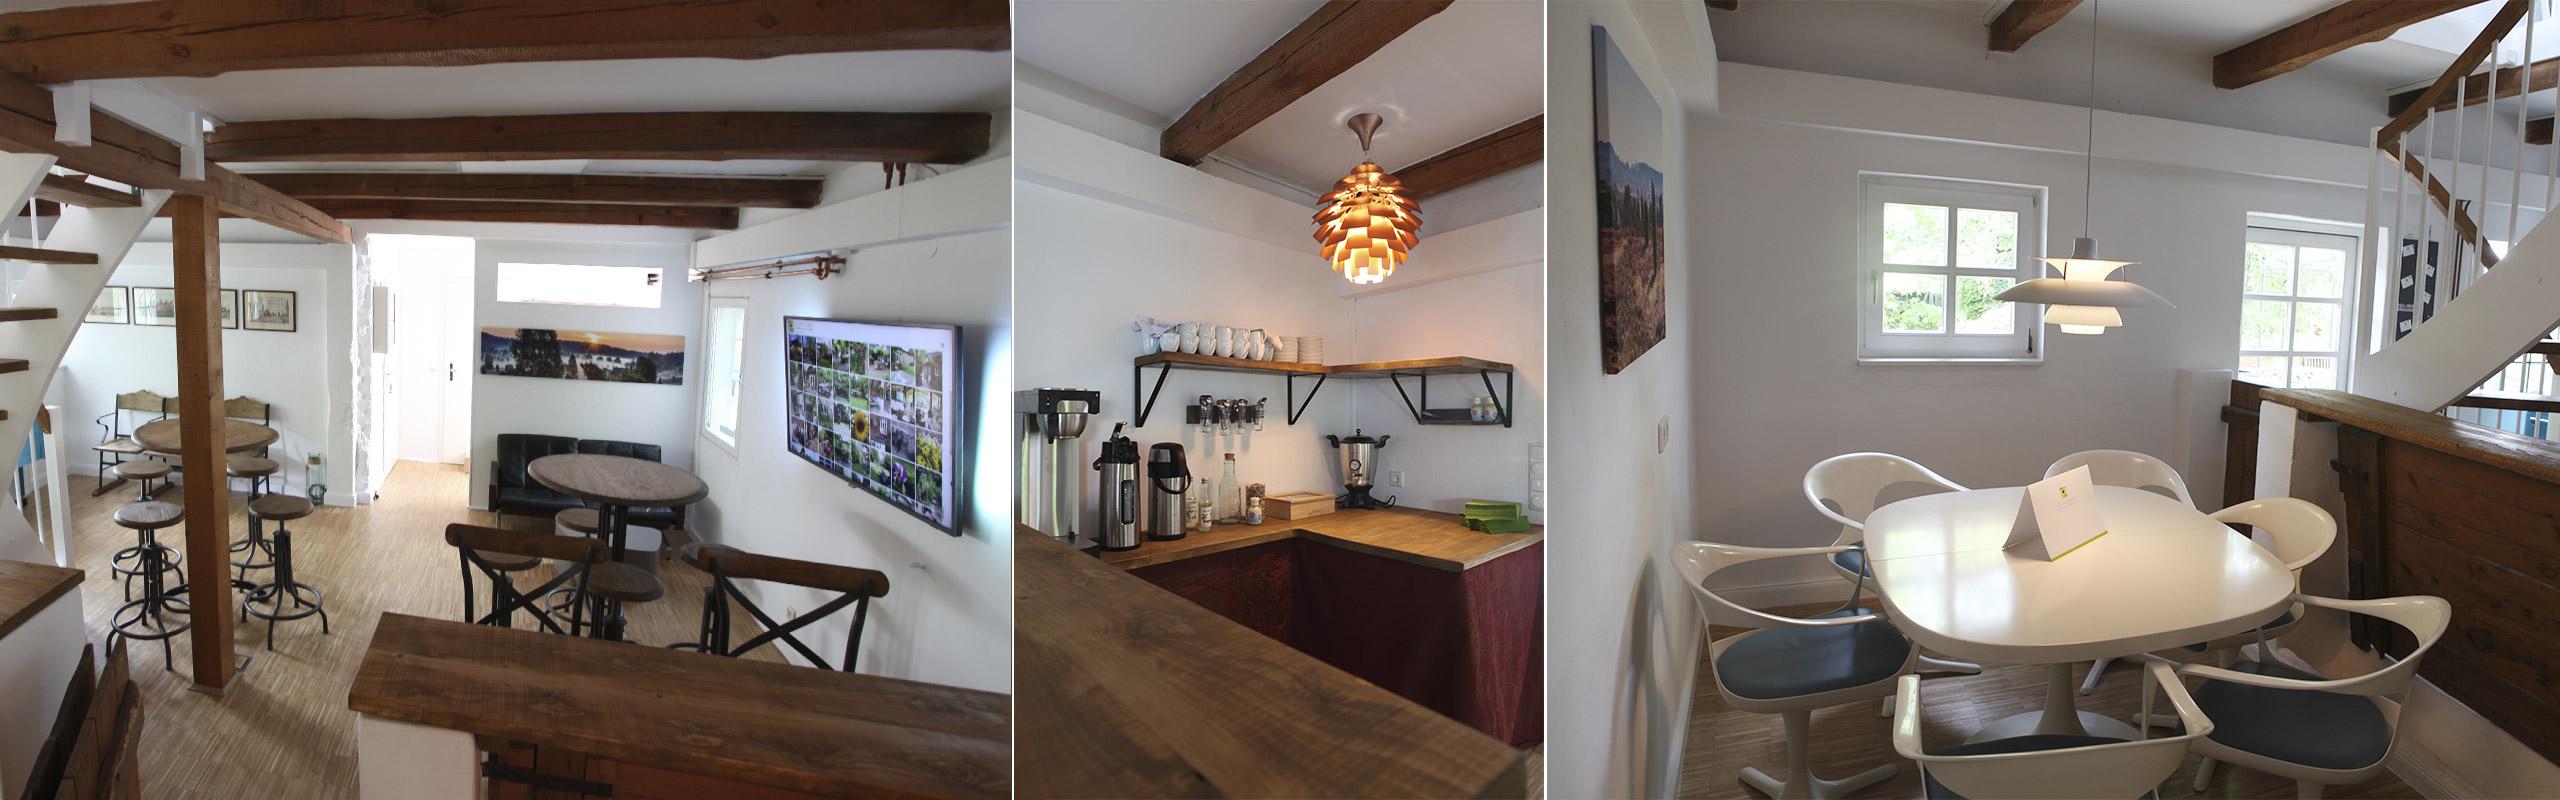 Seminarhaus Fachwerk63 Lounge